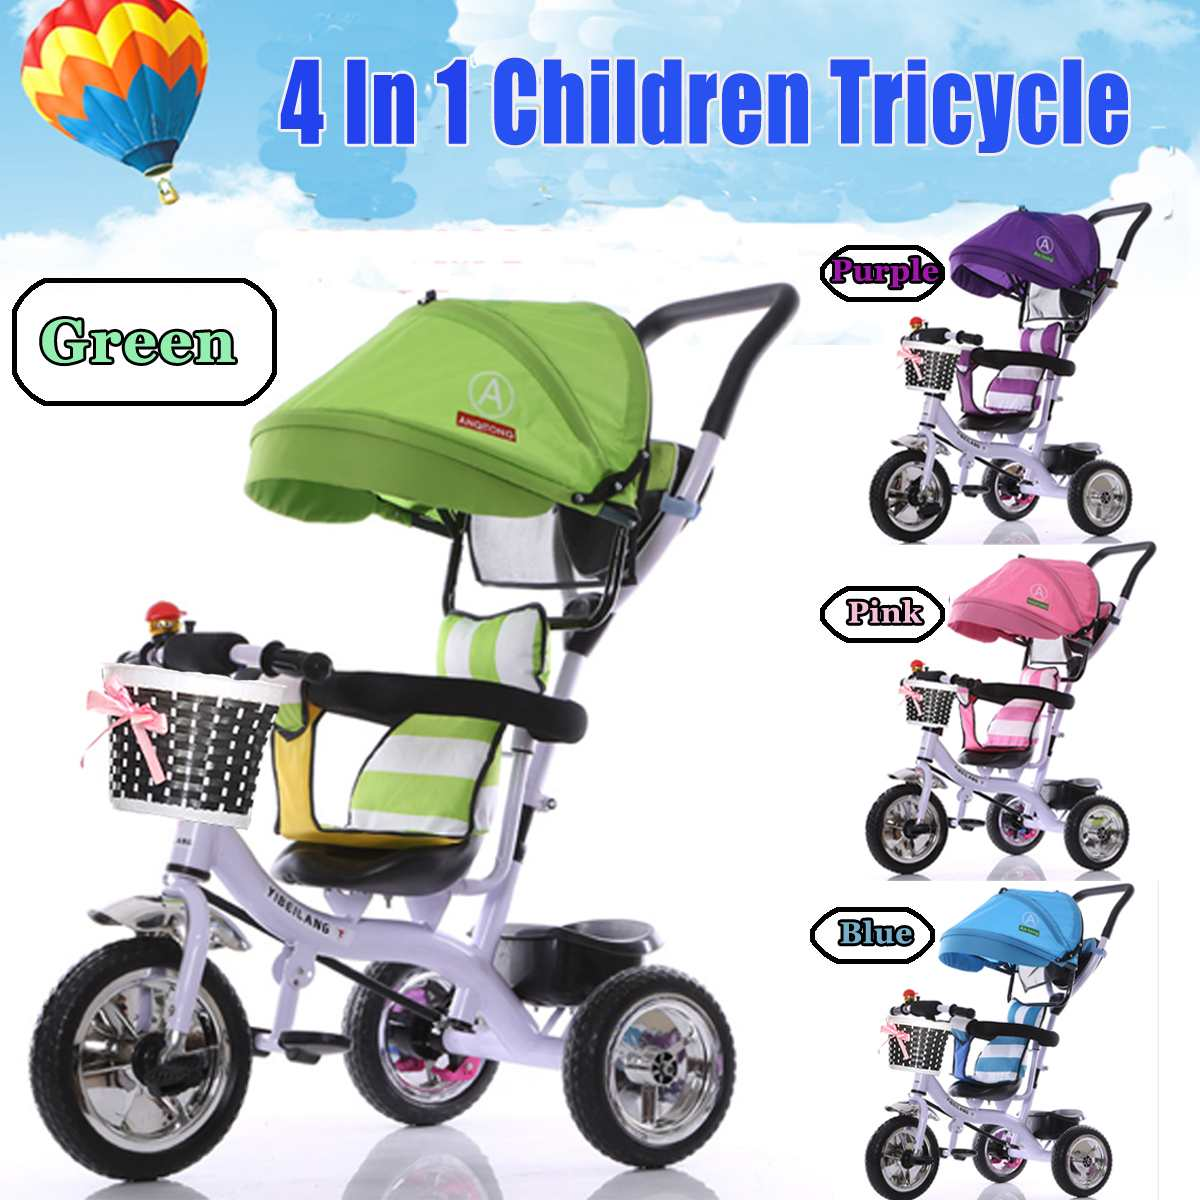 Liberale 4 In 1 Bambino Trolley Bicicletta Bambino Bici Triciclo Per Bambini Bambini Trike Spinta A Mano Biciclette Pieghevoli Con Metodi Tradizionali